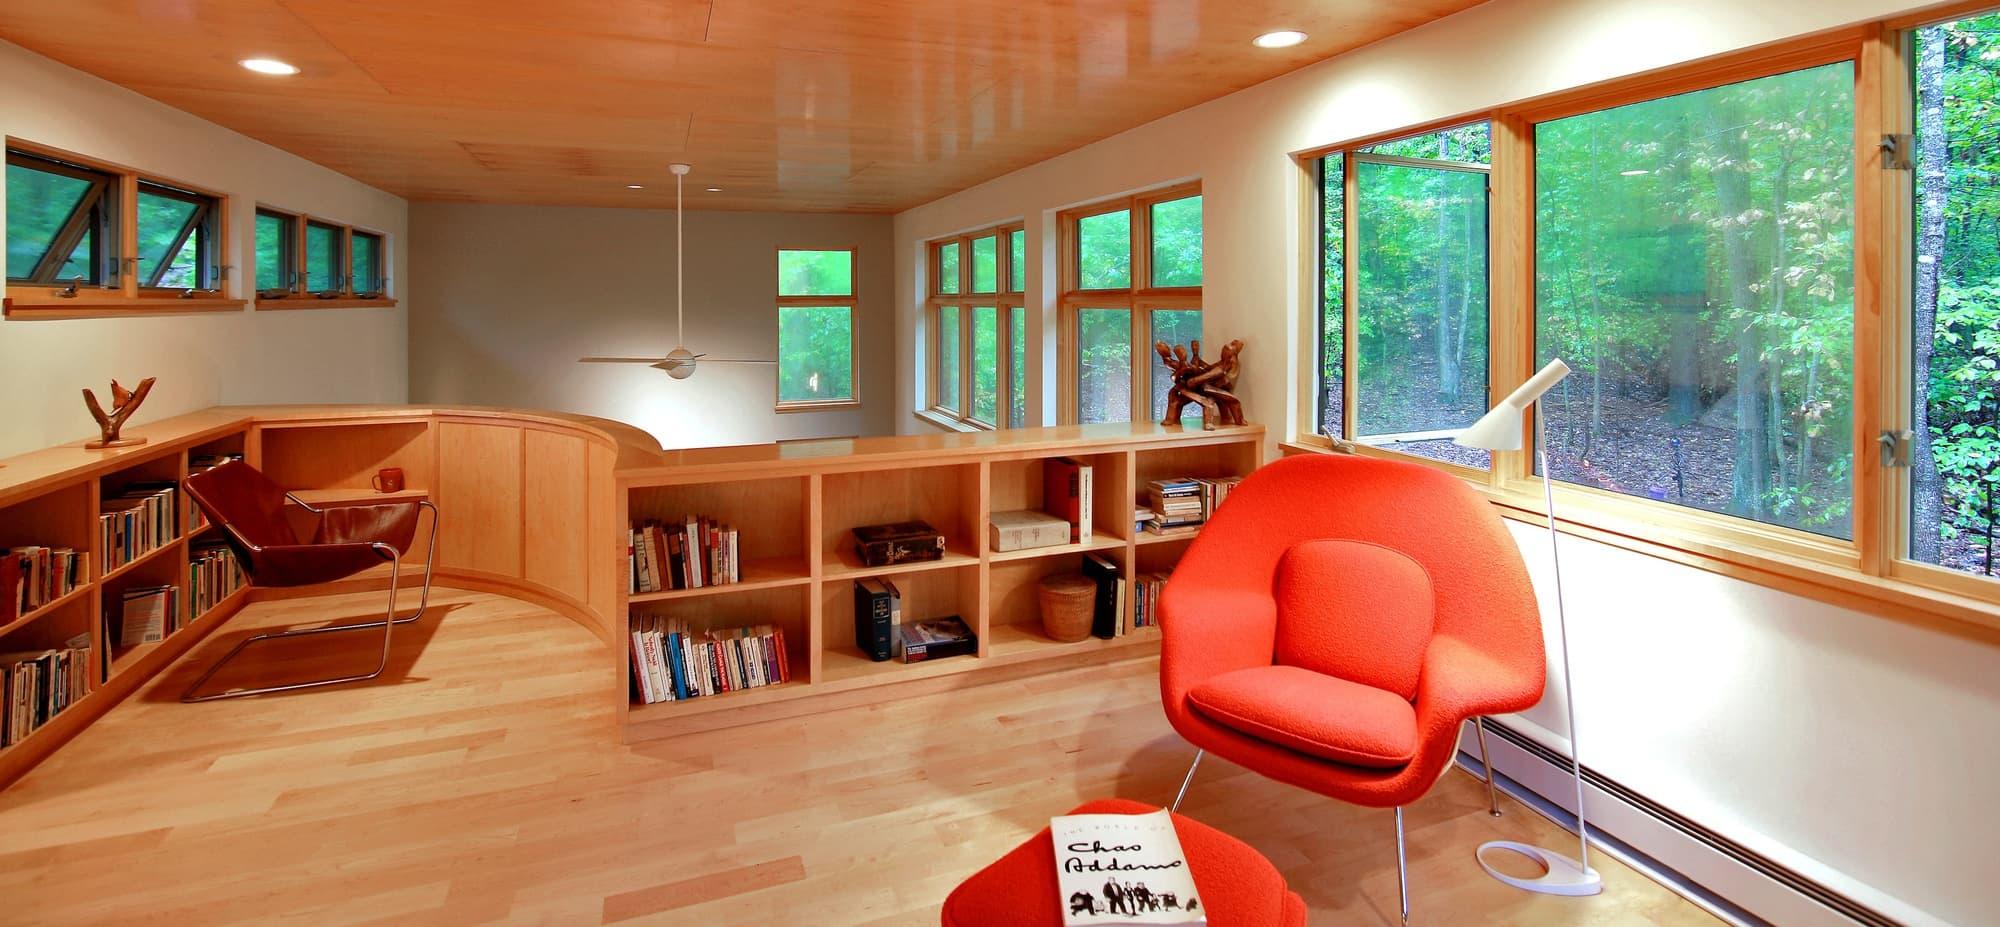 CHECA Architects PC, Study, New Construction, Great Falls, VA